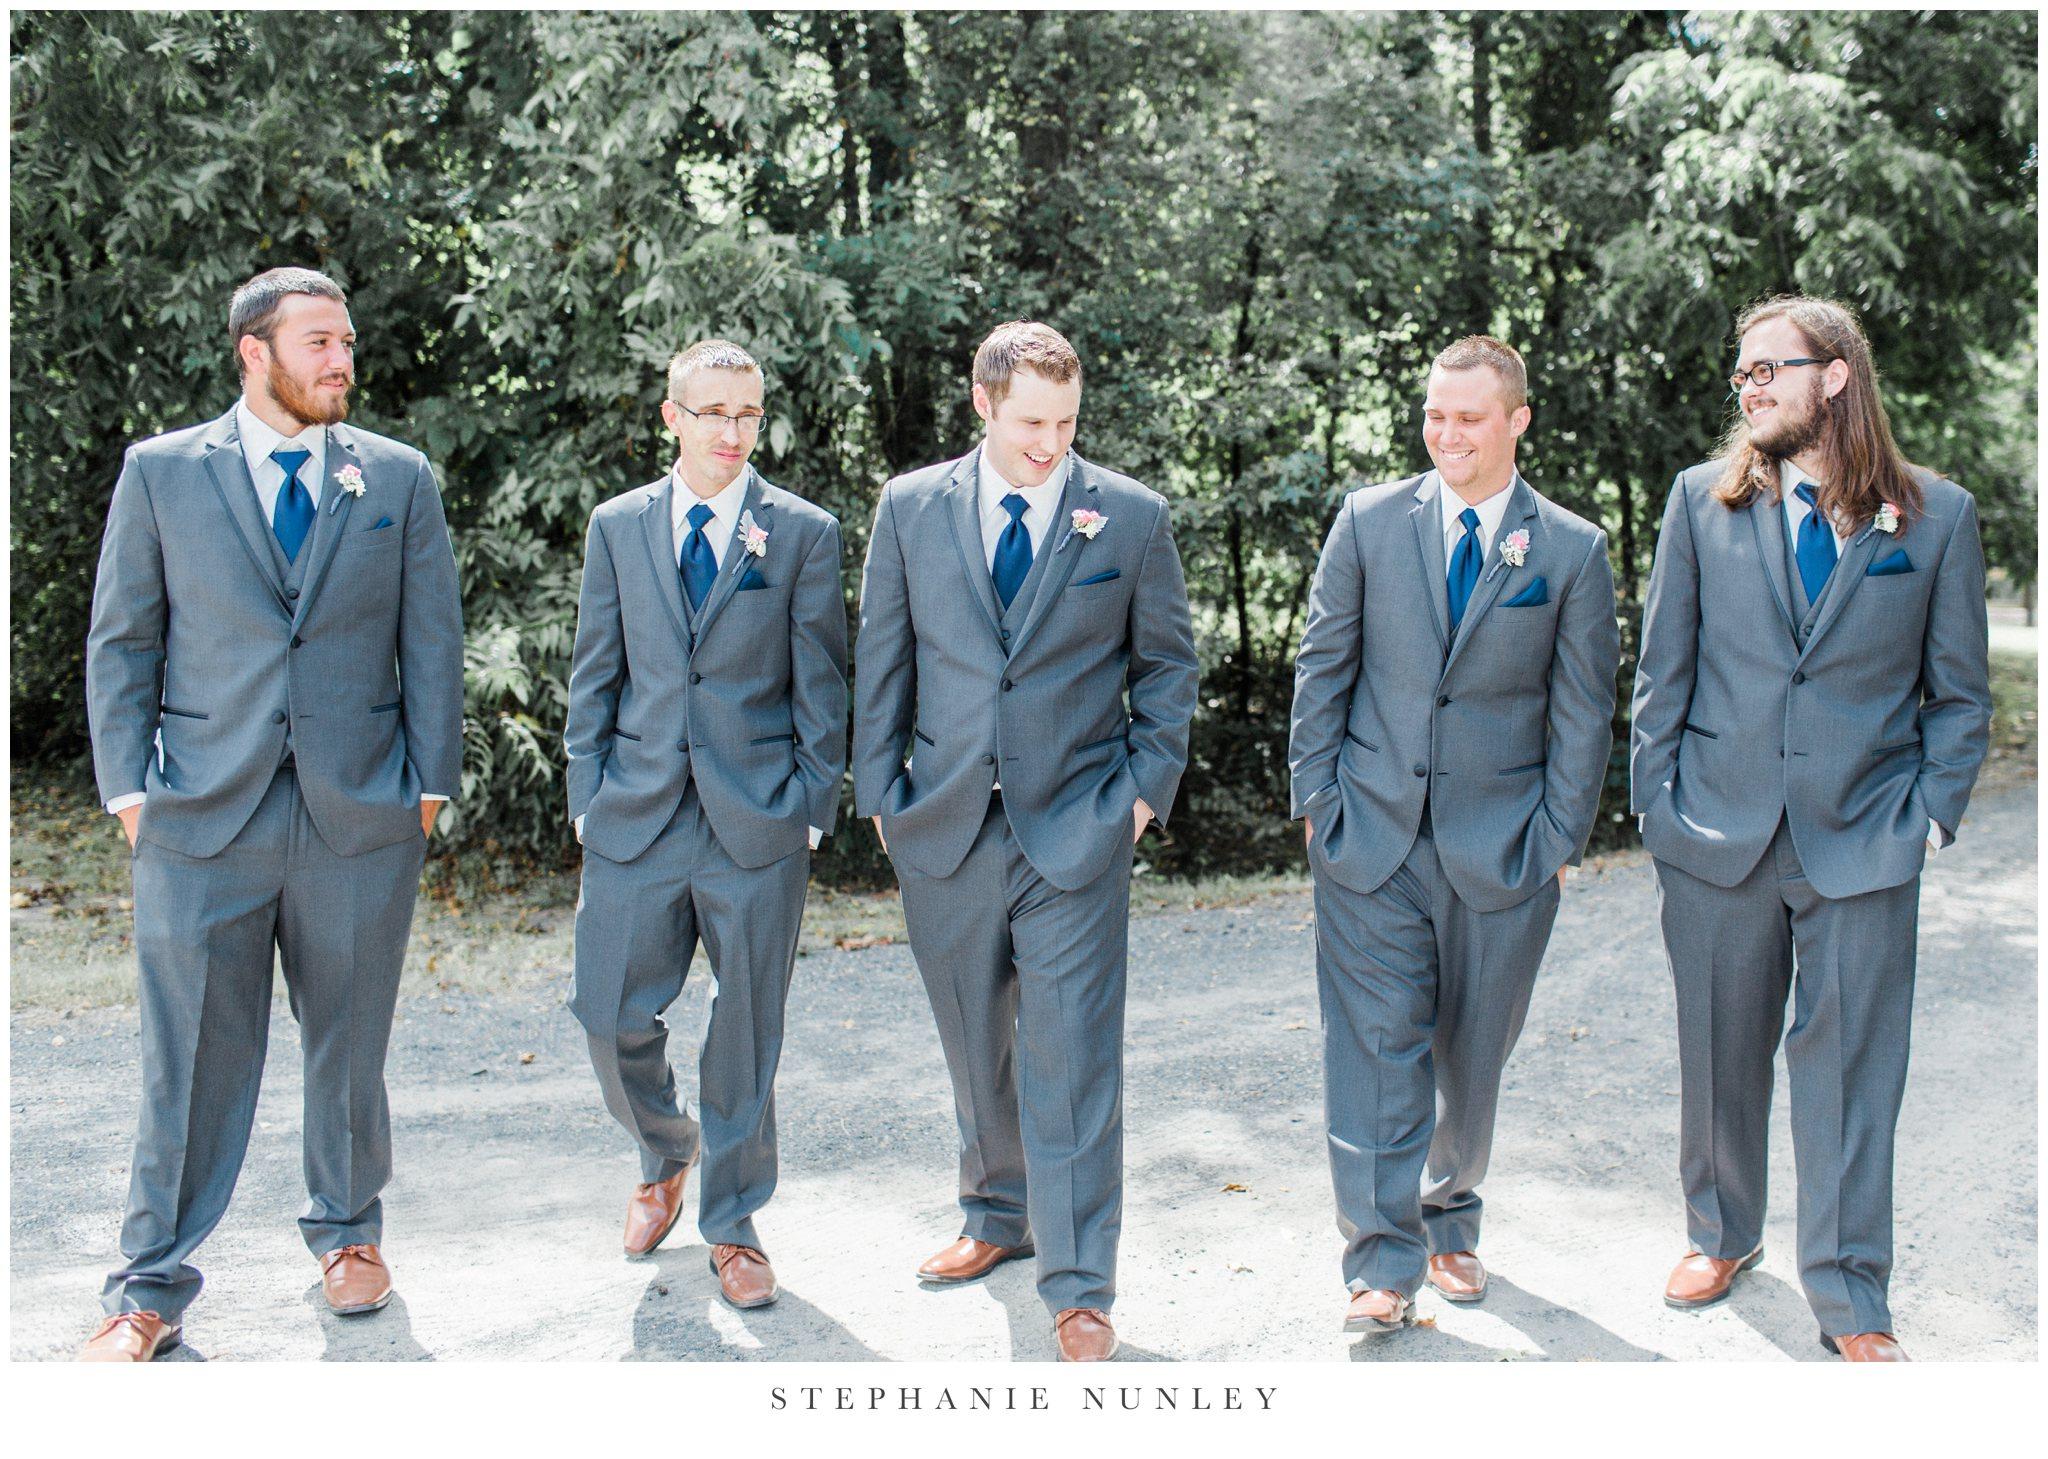 arkansas-outdoor-film-inspired-wedding-0044.jpg